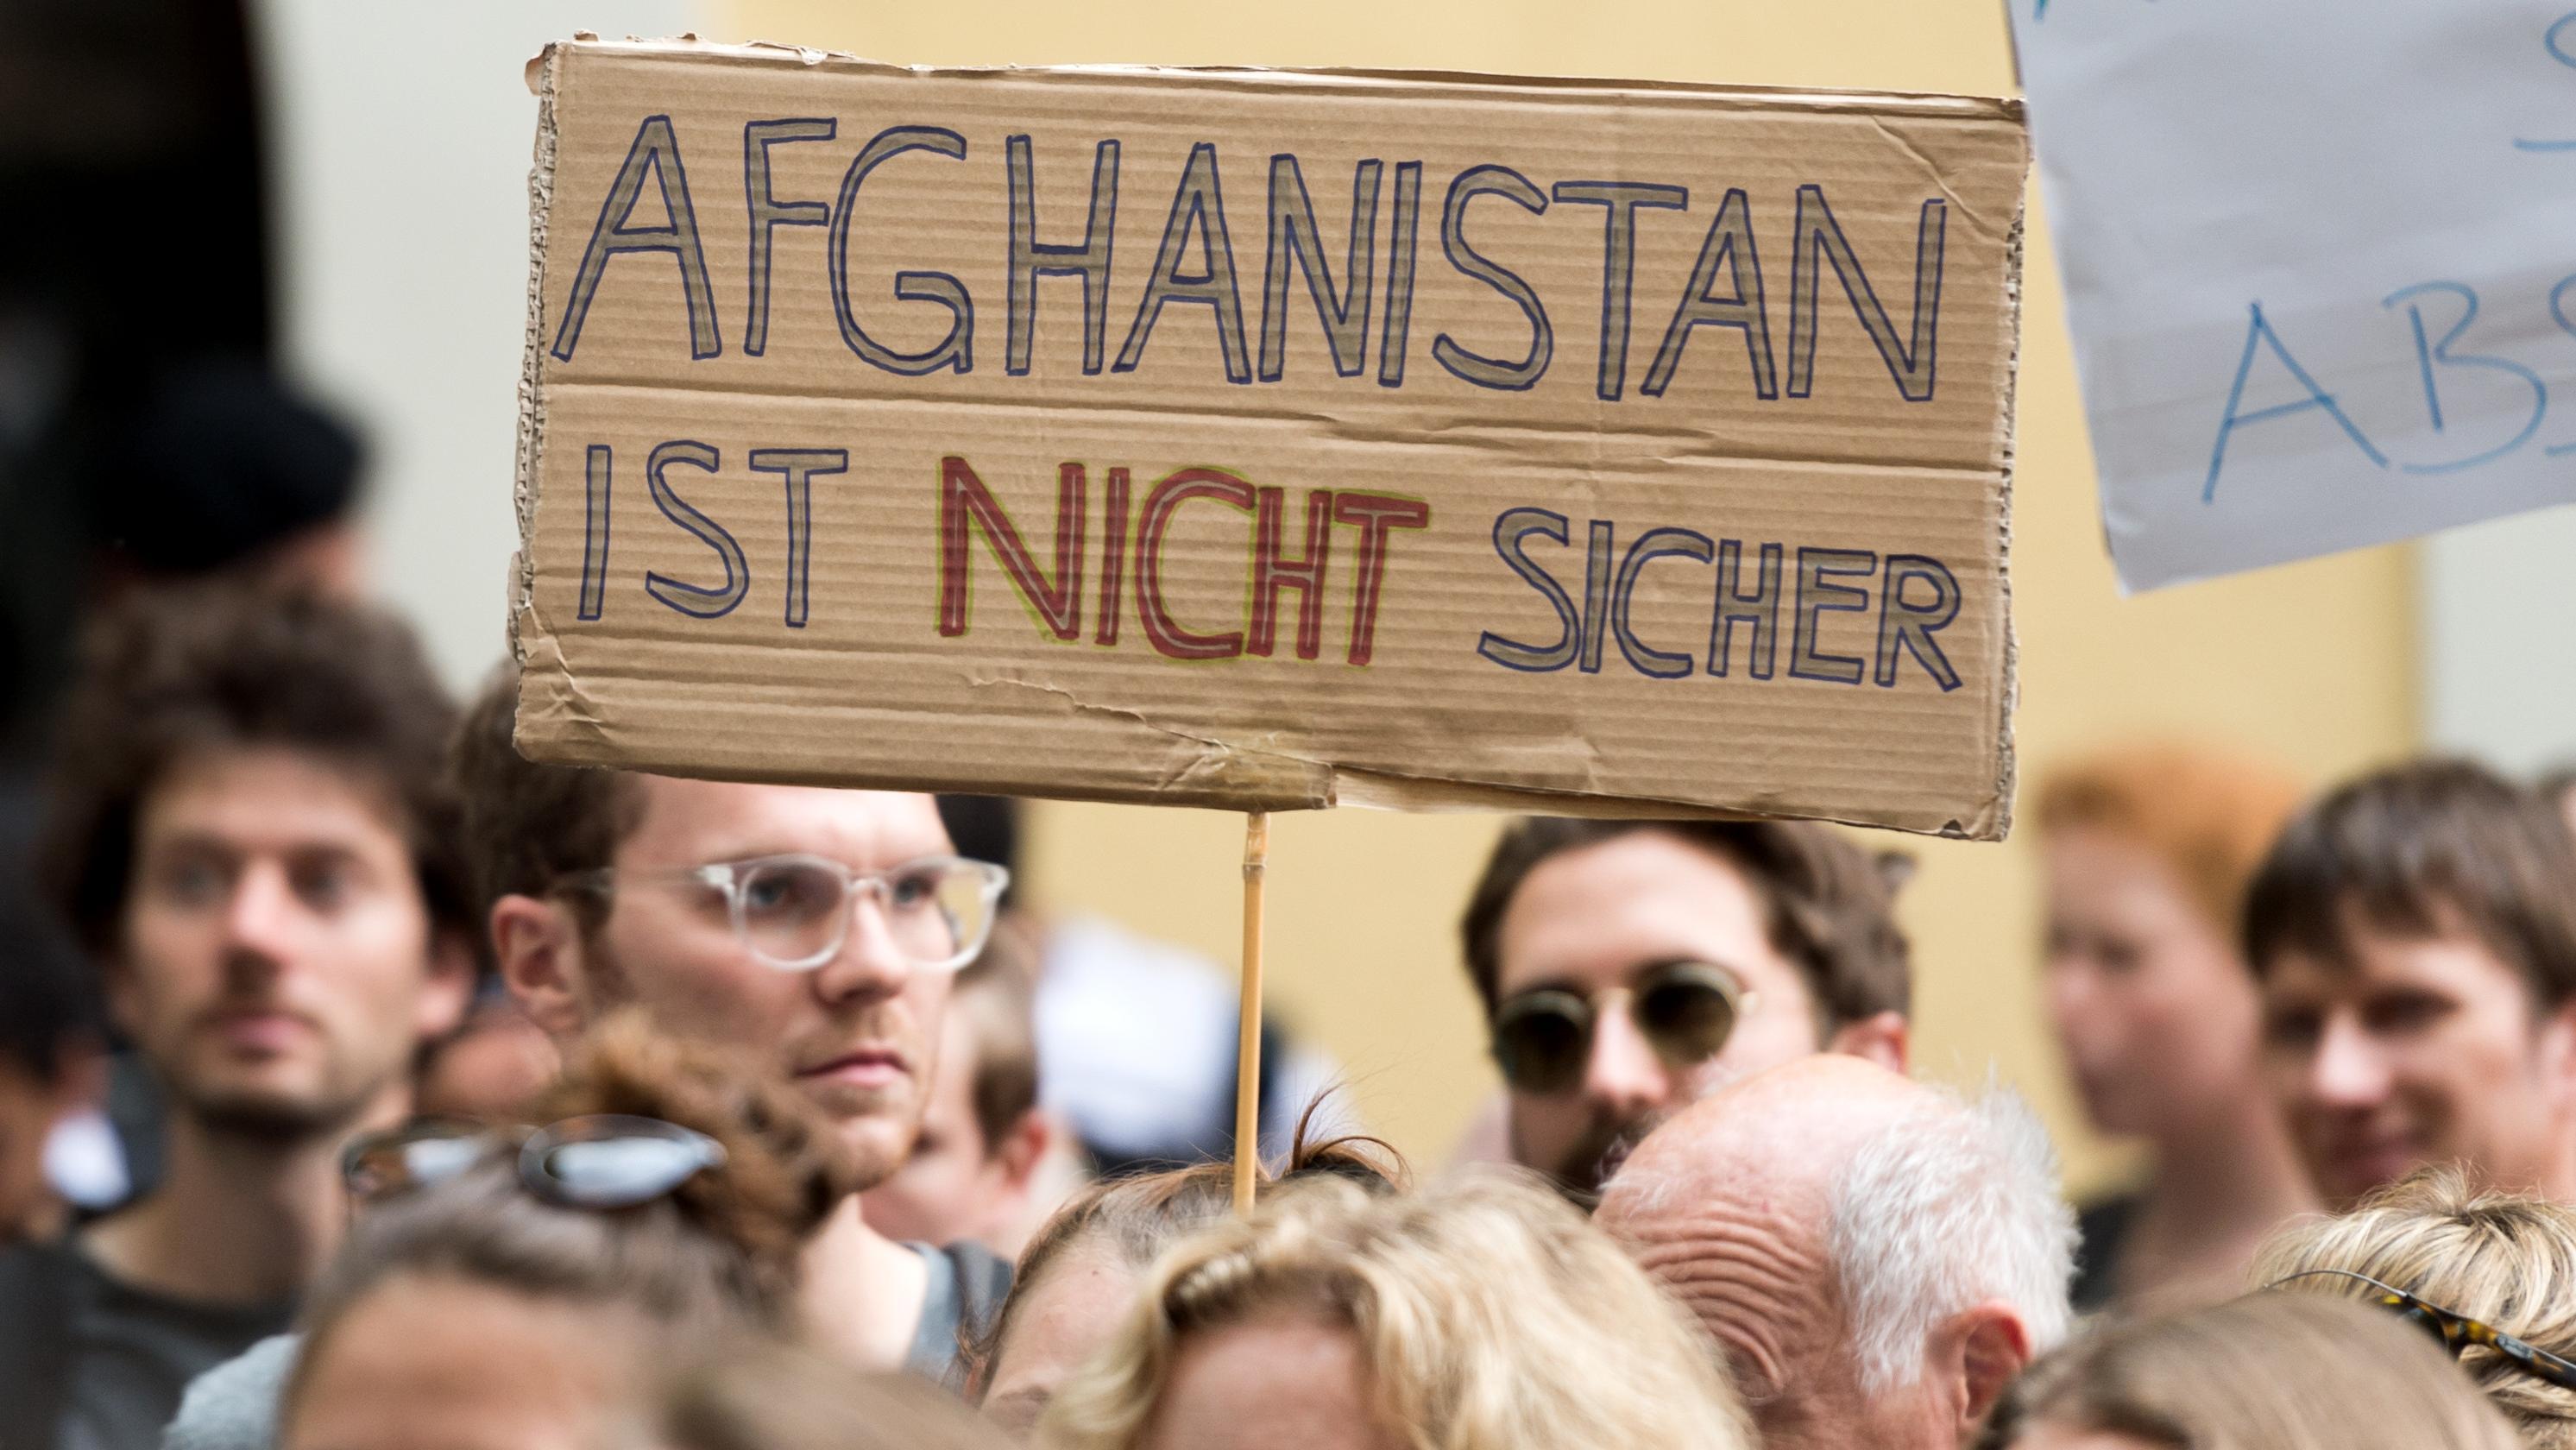 Archiv: Demonstration gegen Abschiebungen nach Afghanistan